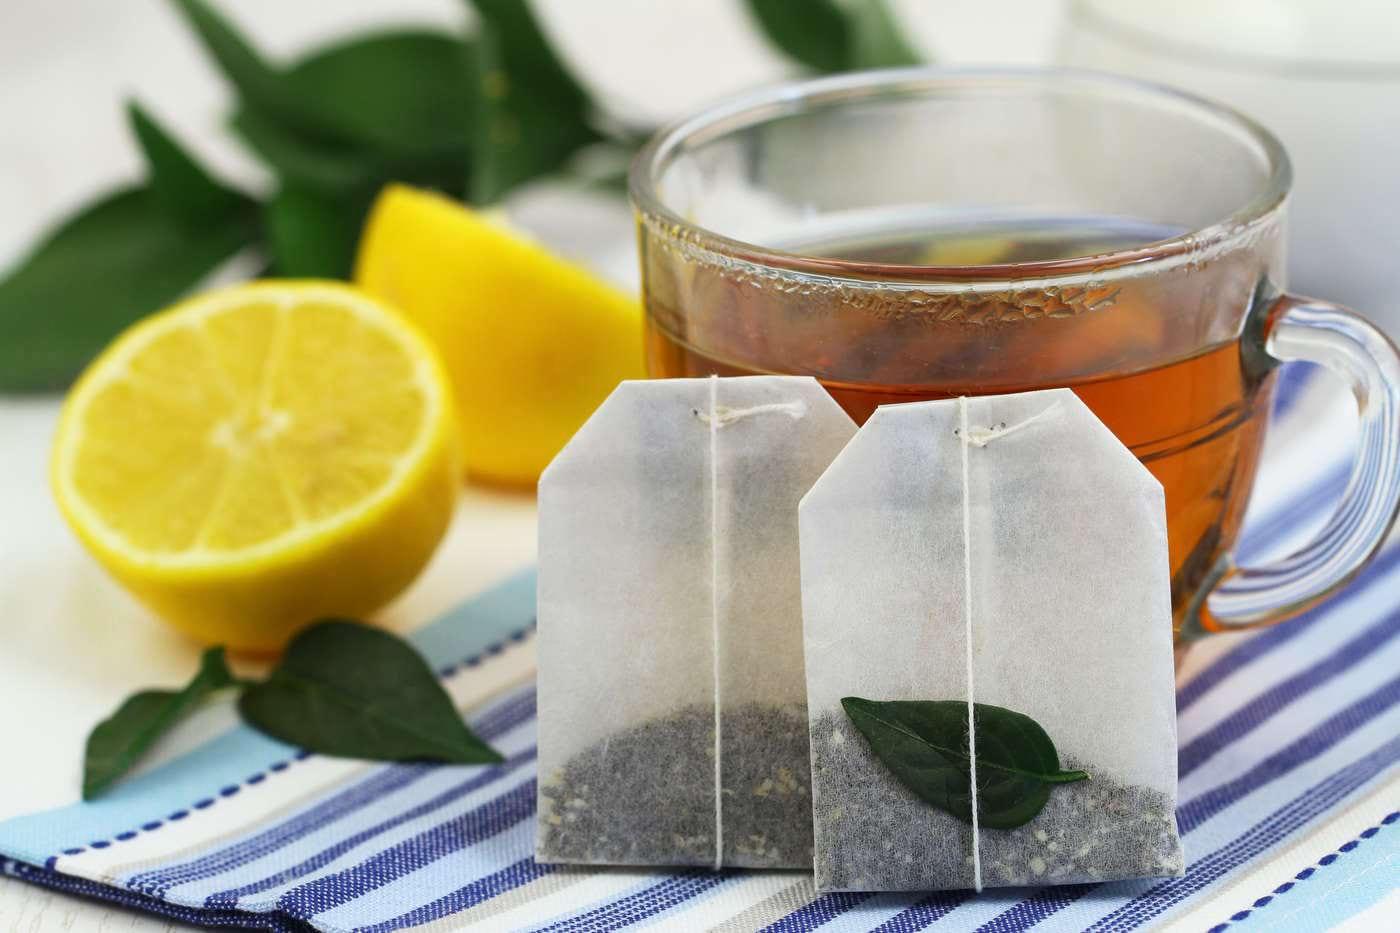 Pliculețele de ceai: cum le poți refolosi?